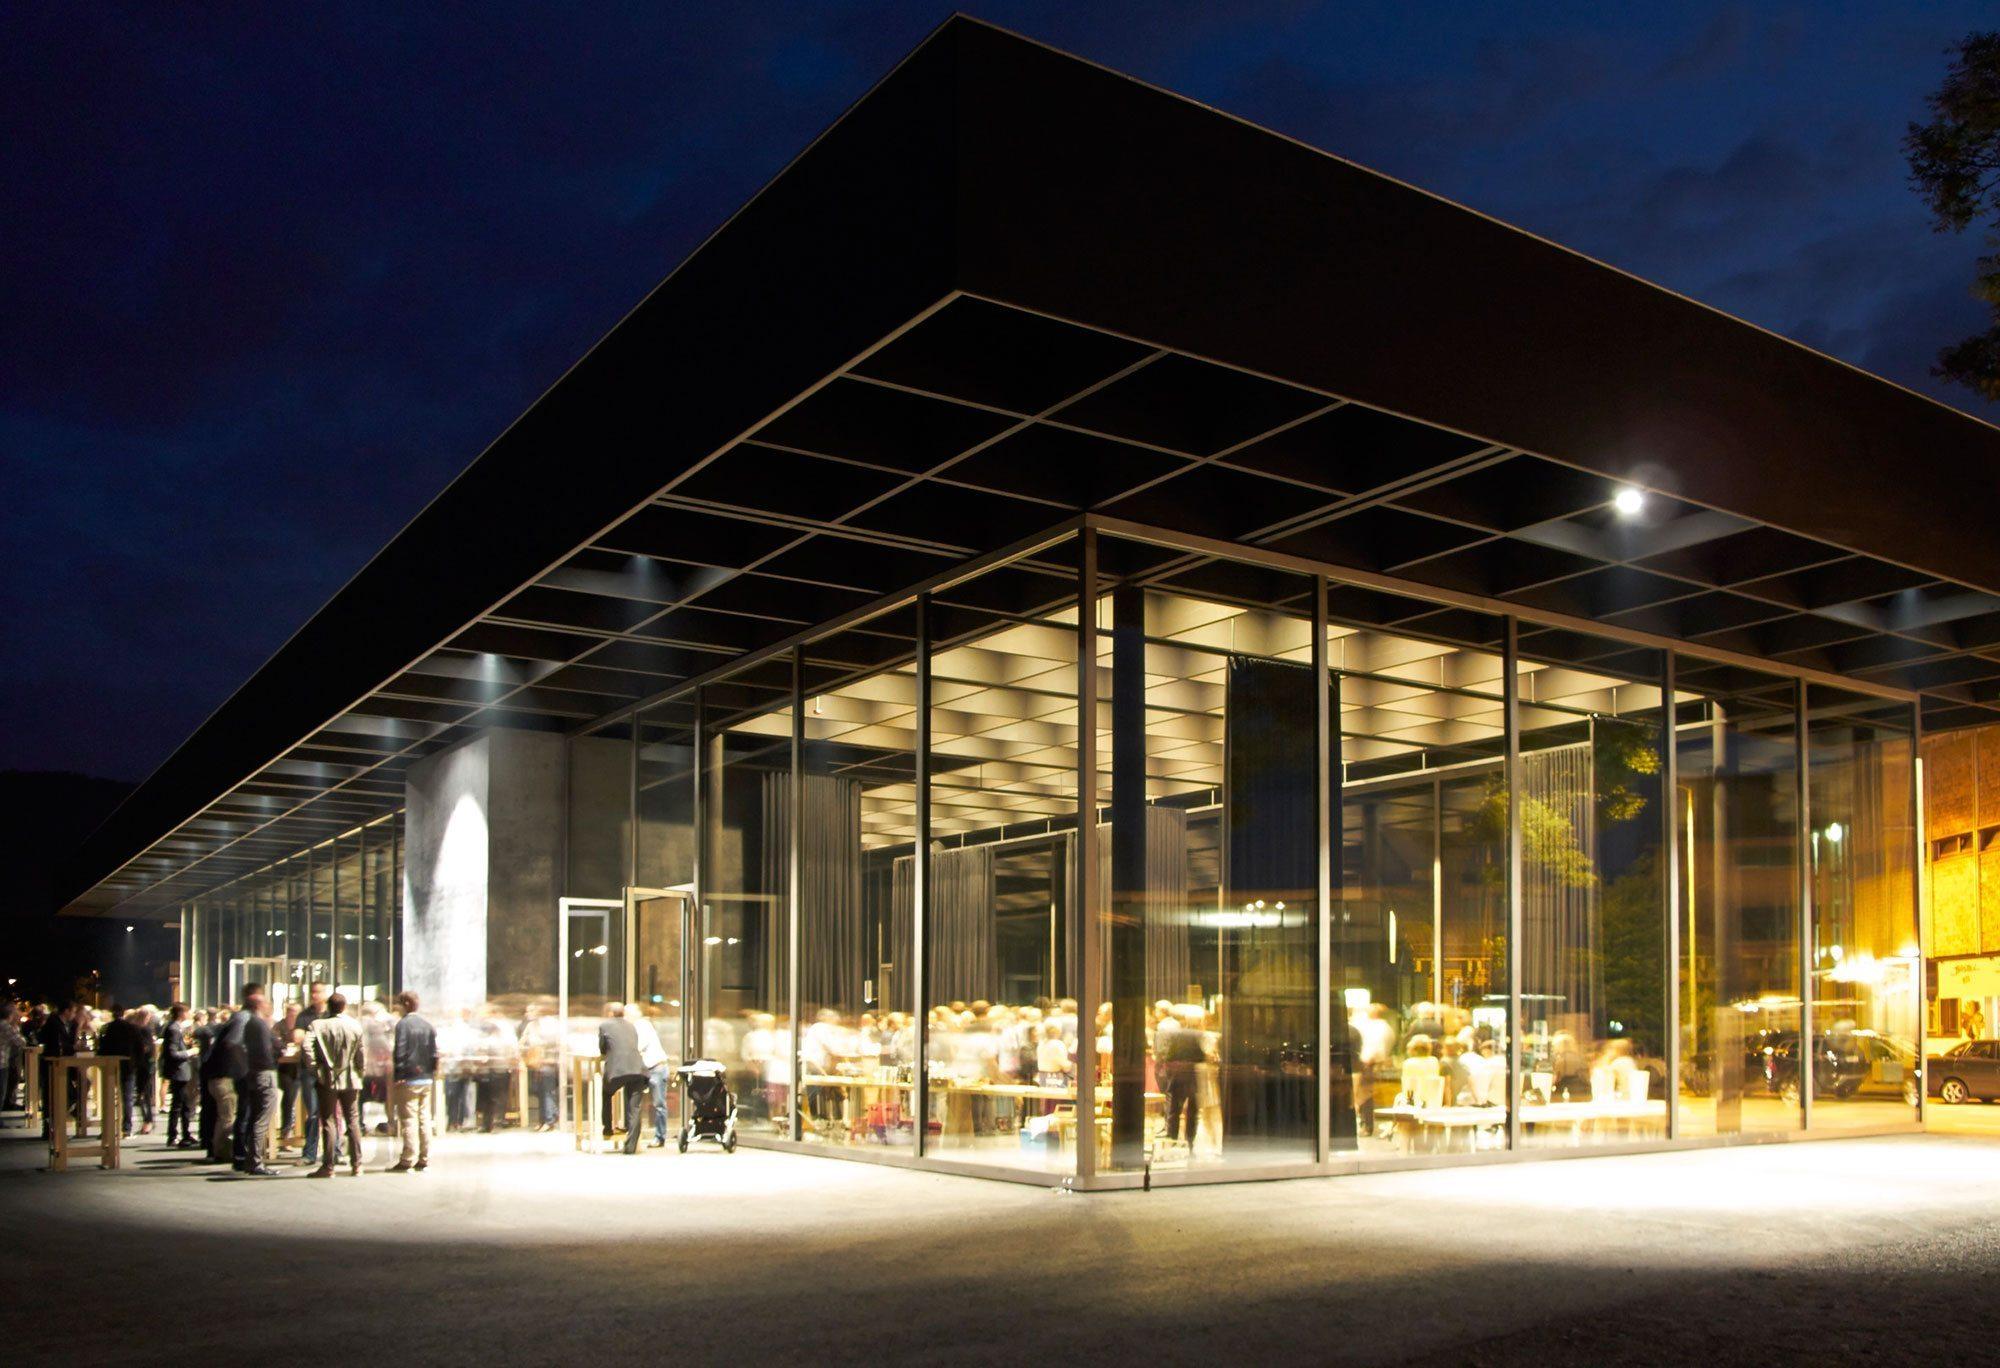 Museen im Bregenzerwald Werkraum Andelsbuch kultur